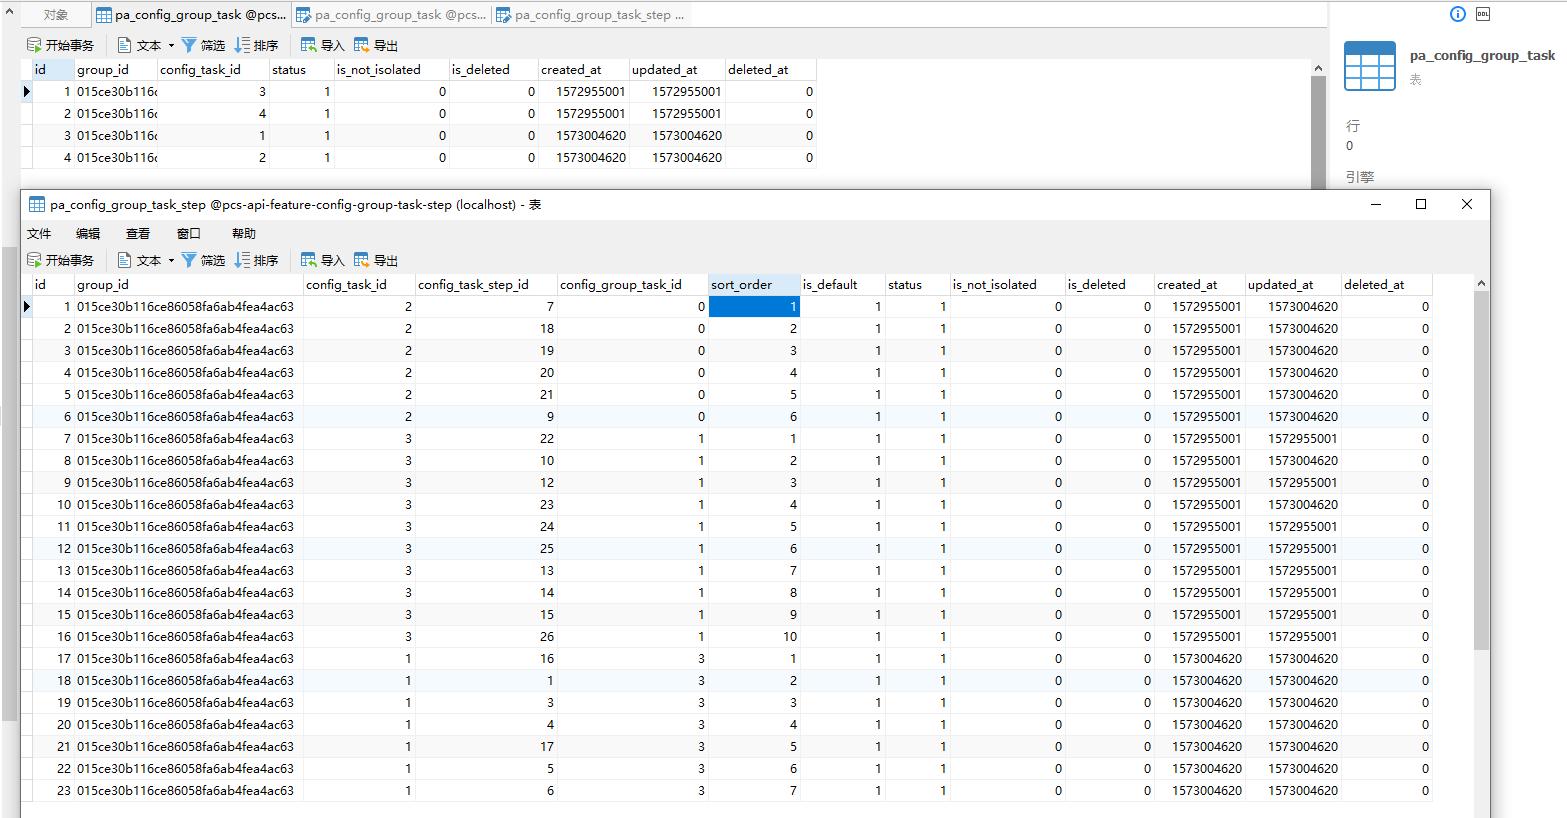 在 Postman 中 PUT:http://api.pcs-api.localhost/v1/config-group-task-steps/my-group-id ,请求数据(全部勾选)与执行的 SQL (分别插入 2 、7 条记录,分别更新 0、8 条记录) 如下,打开表